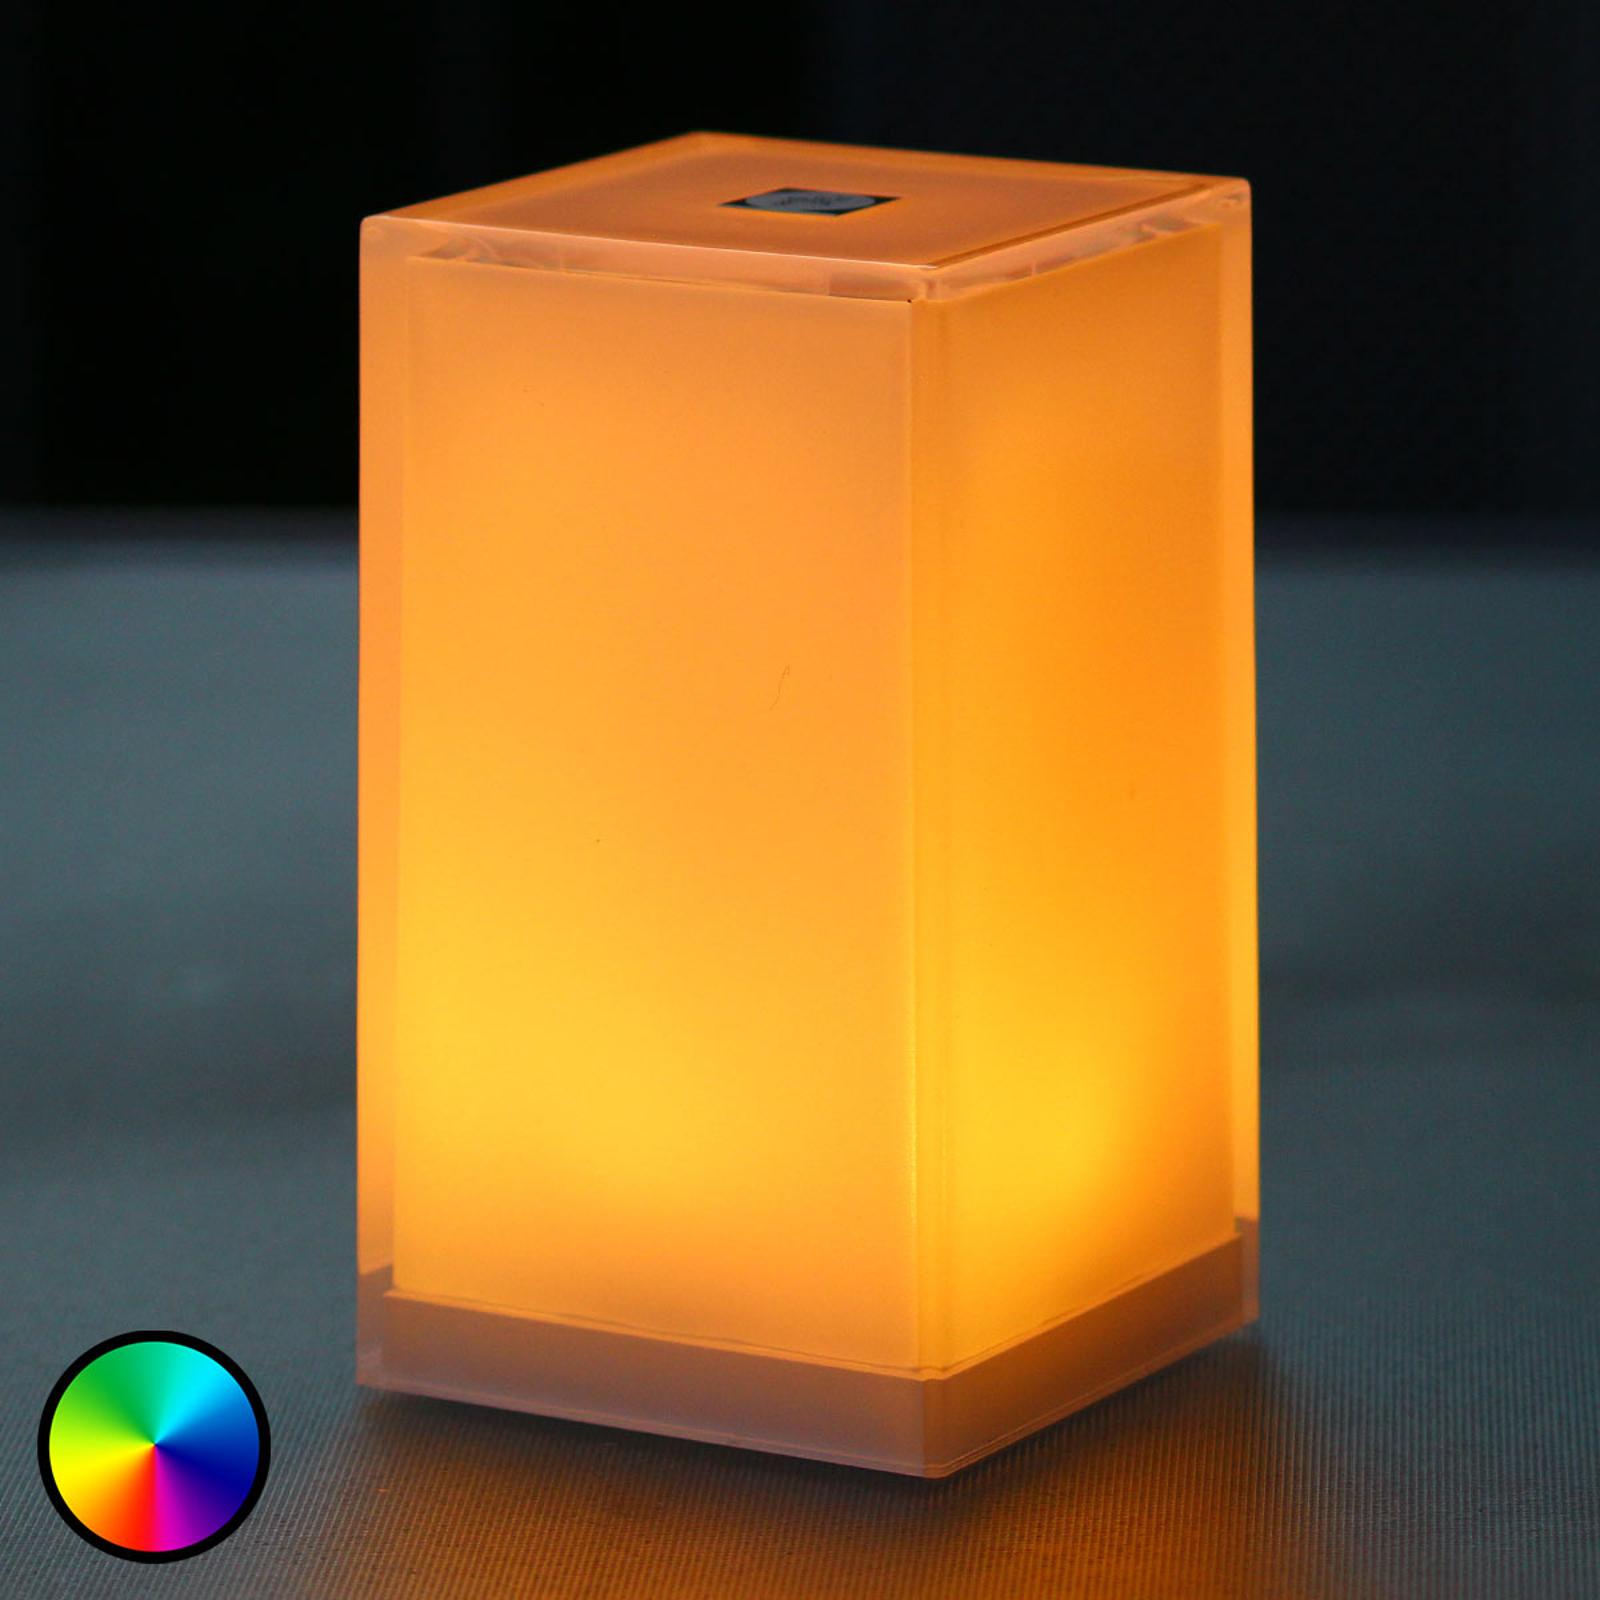 Kannettava pöytälamppu Cub, sovellusohjattava RGBW